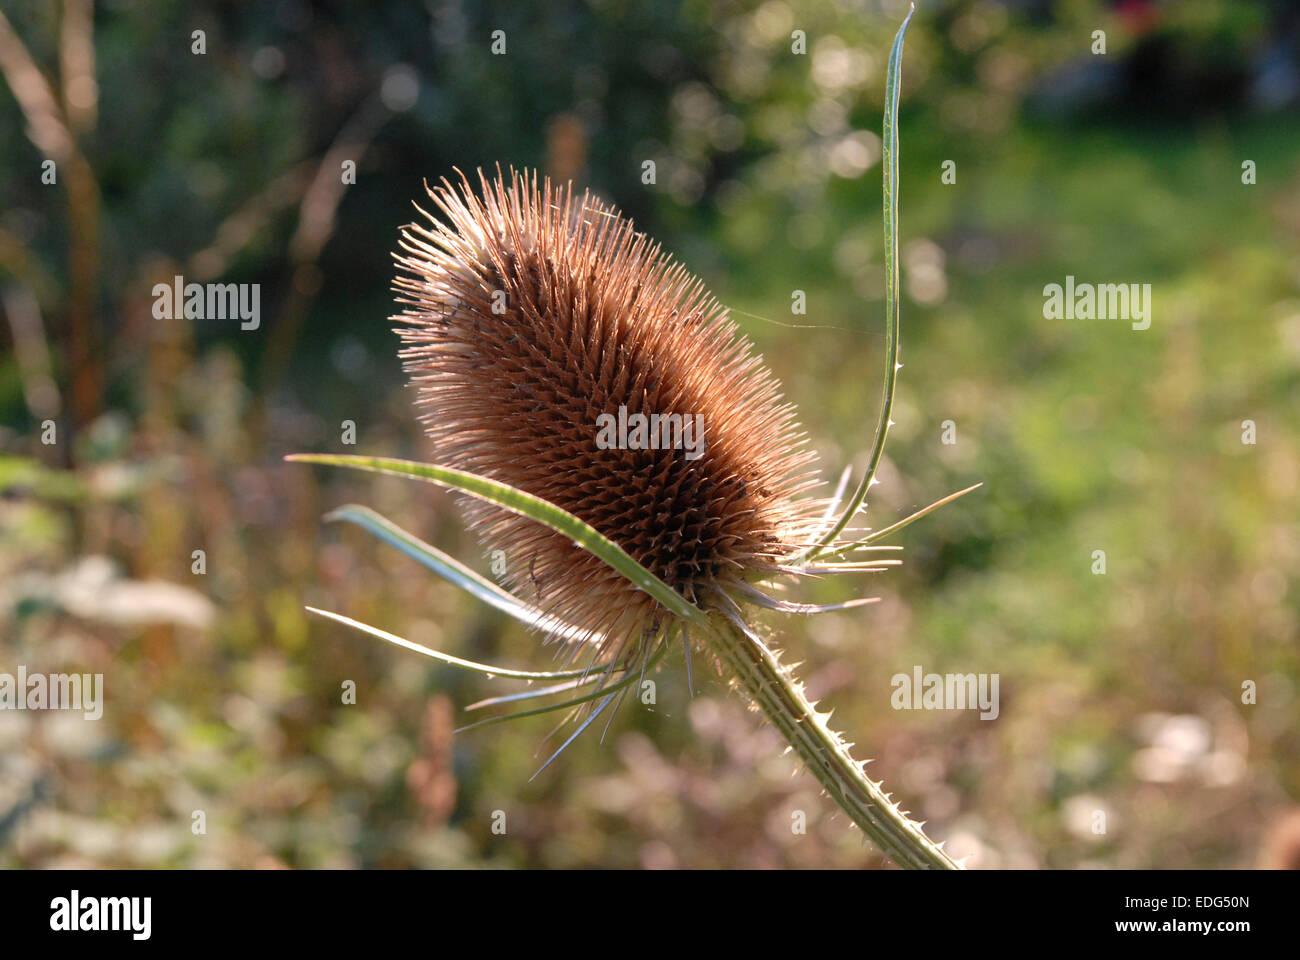 Teasel seedhead - Stock Image